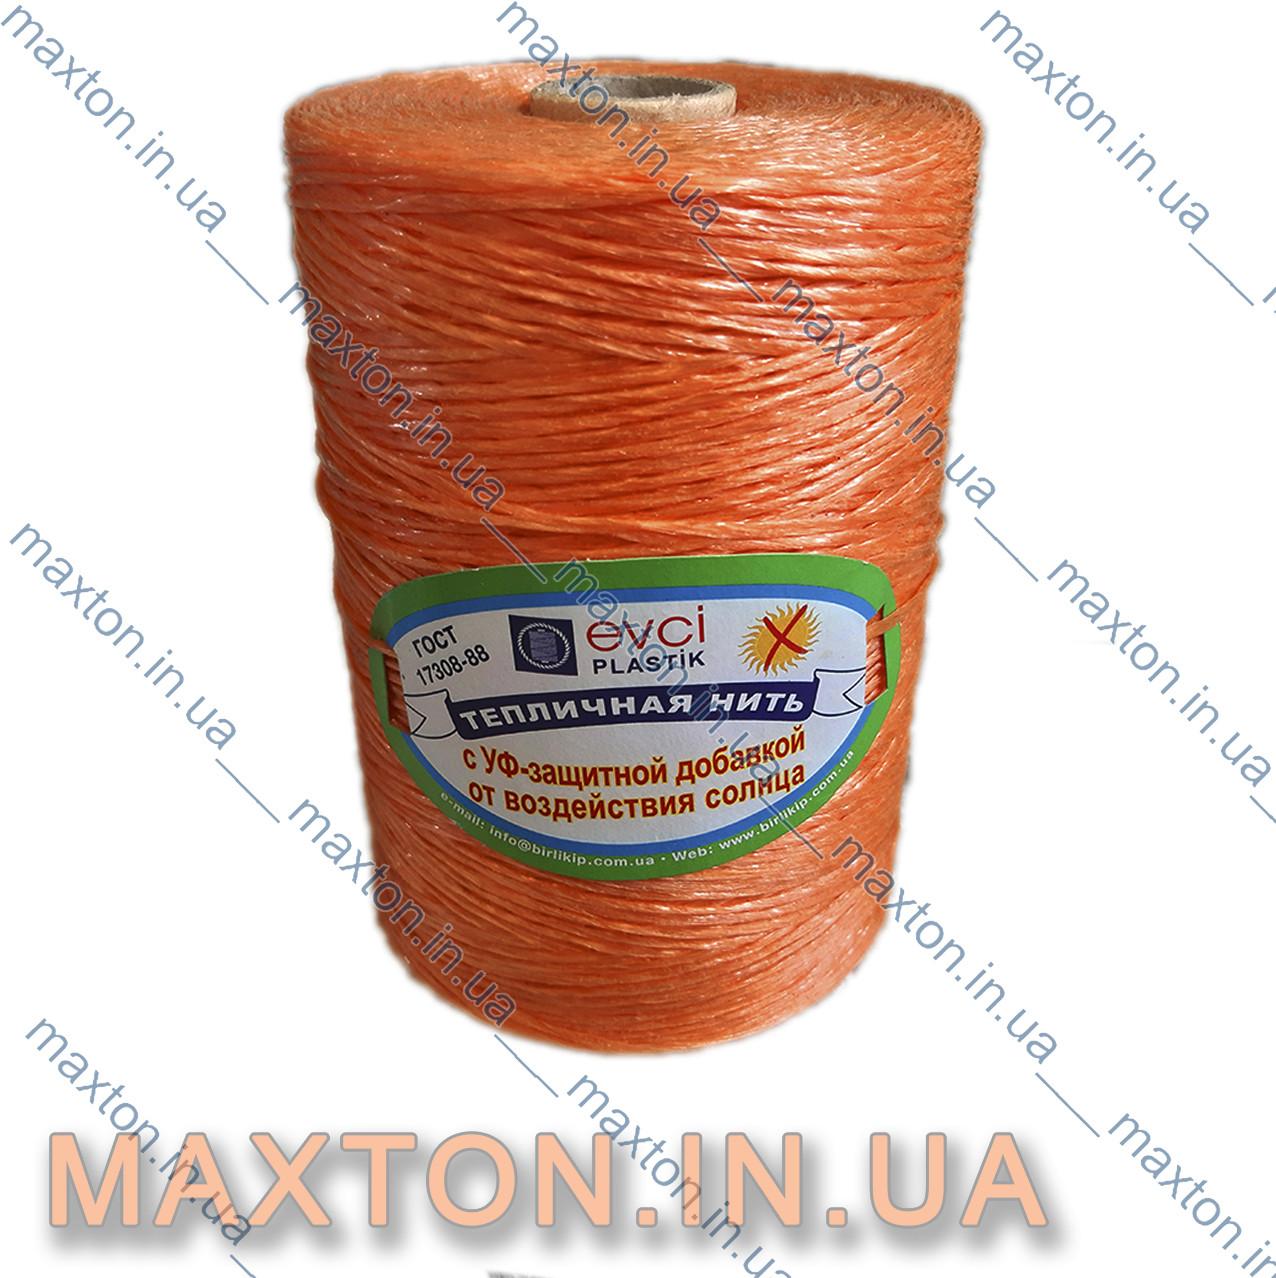 Шпагат подвязочный 700 грамм нить полипропиленовая с защитой от ультрафиолета оранжевый